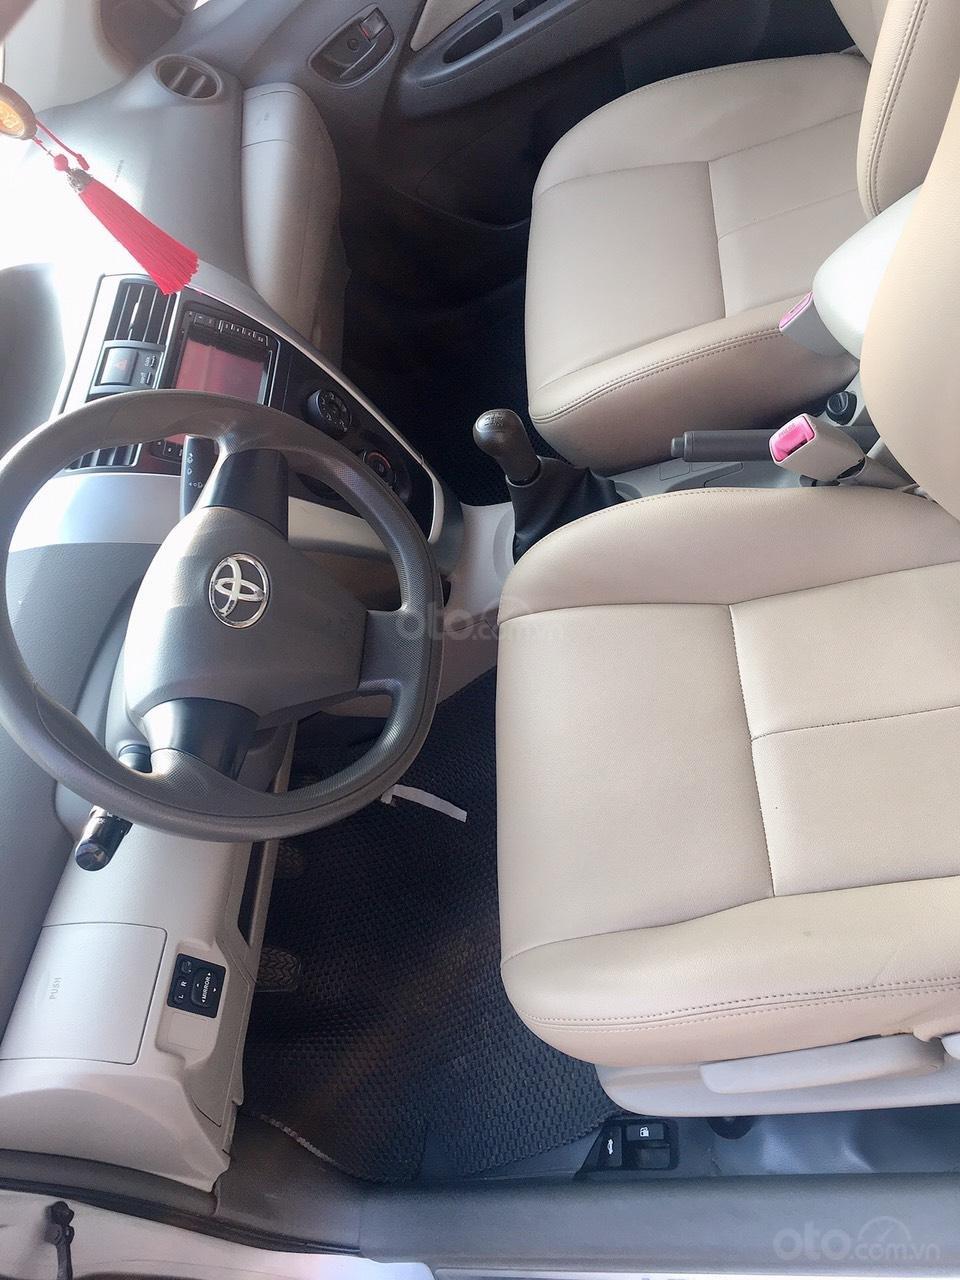 Cần bán Toyota Vios năm sản xuất 2010 giá cạnh tranh (8)